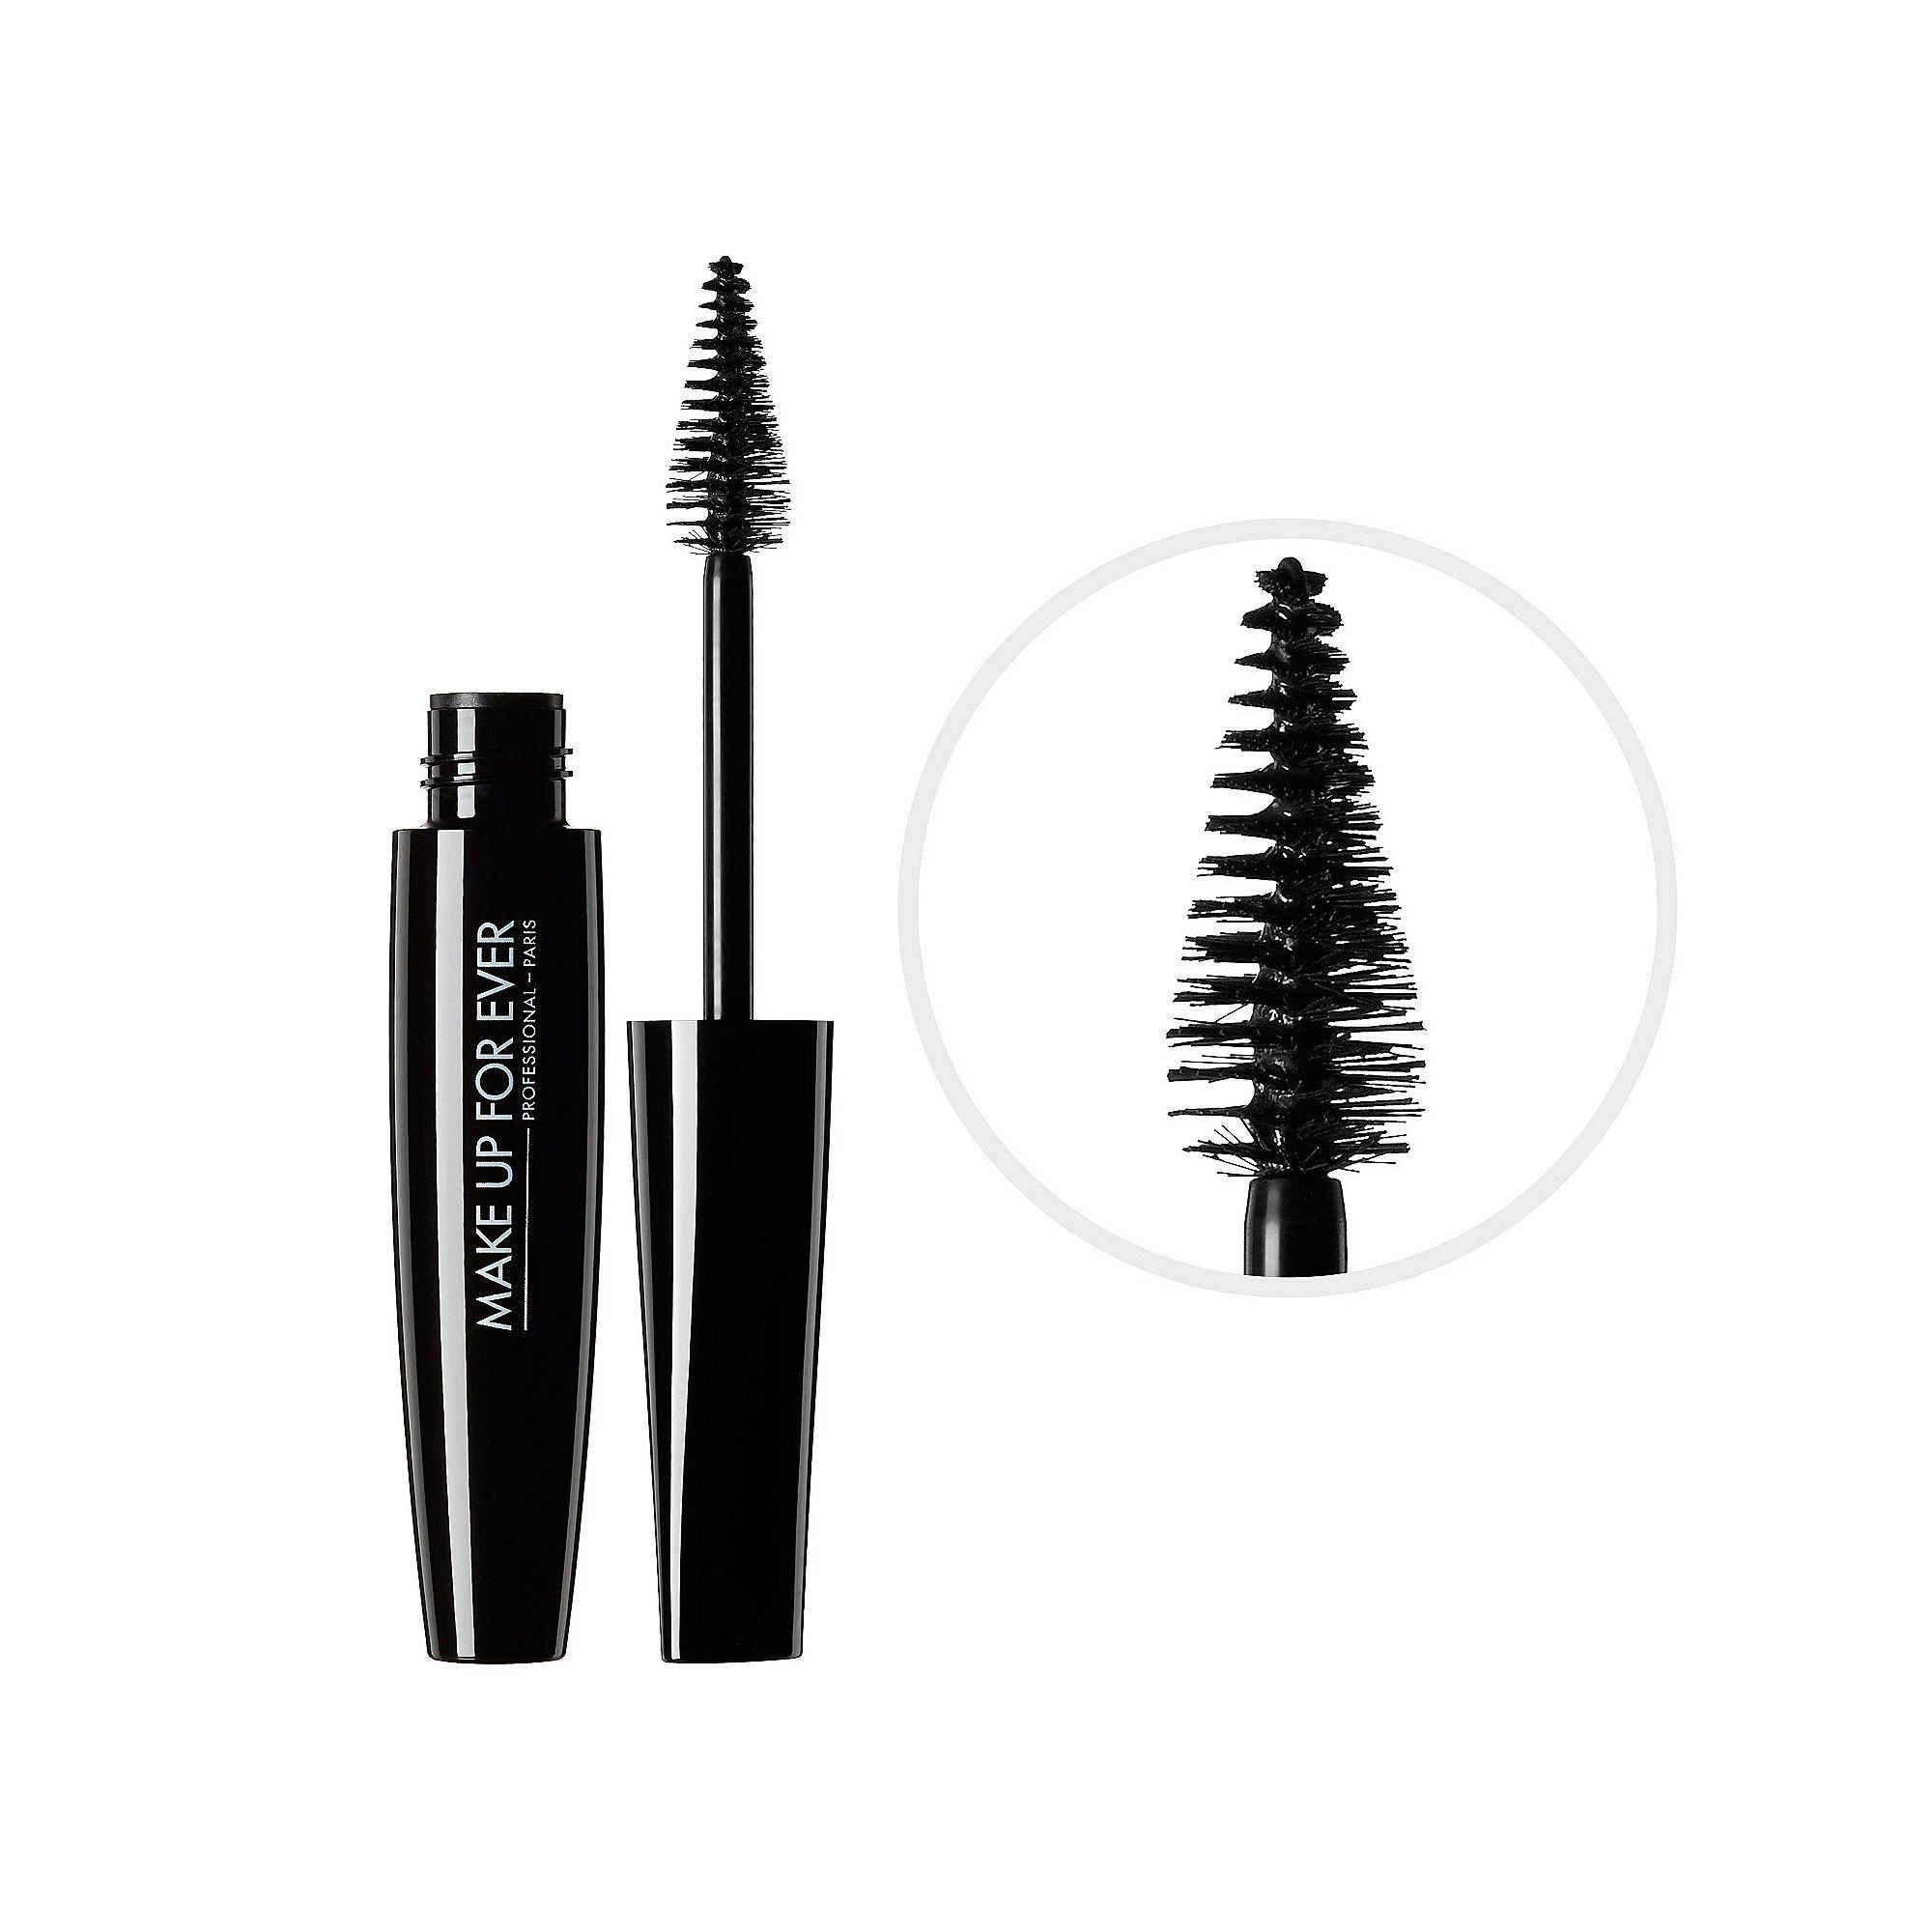 Make up for Ever Smoky Extravagant Mascara 5 Ml / 0.16 Fl